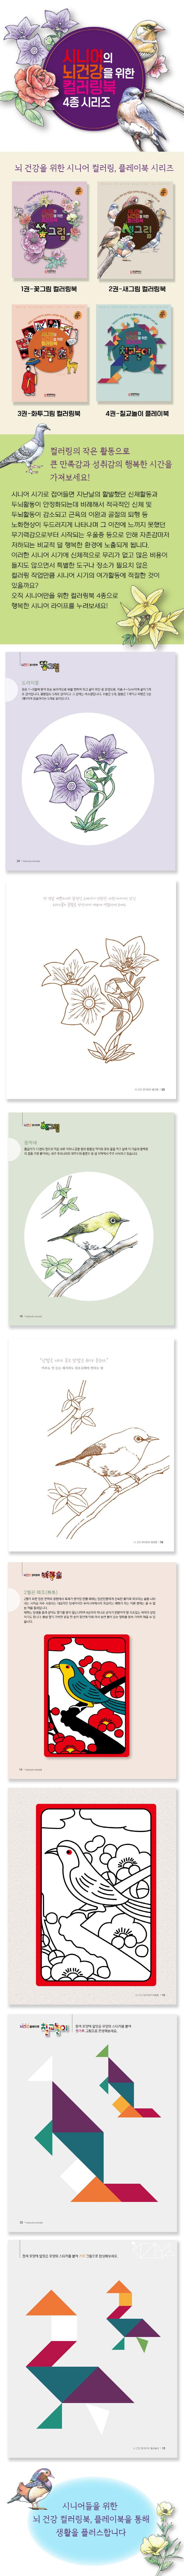 시니어의 뇌건강을 위한 컬러링북 꽃그림(시니어 컬러링북 1) 도서 상세이미지